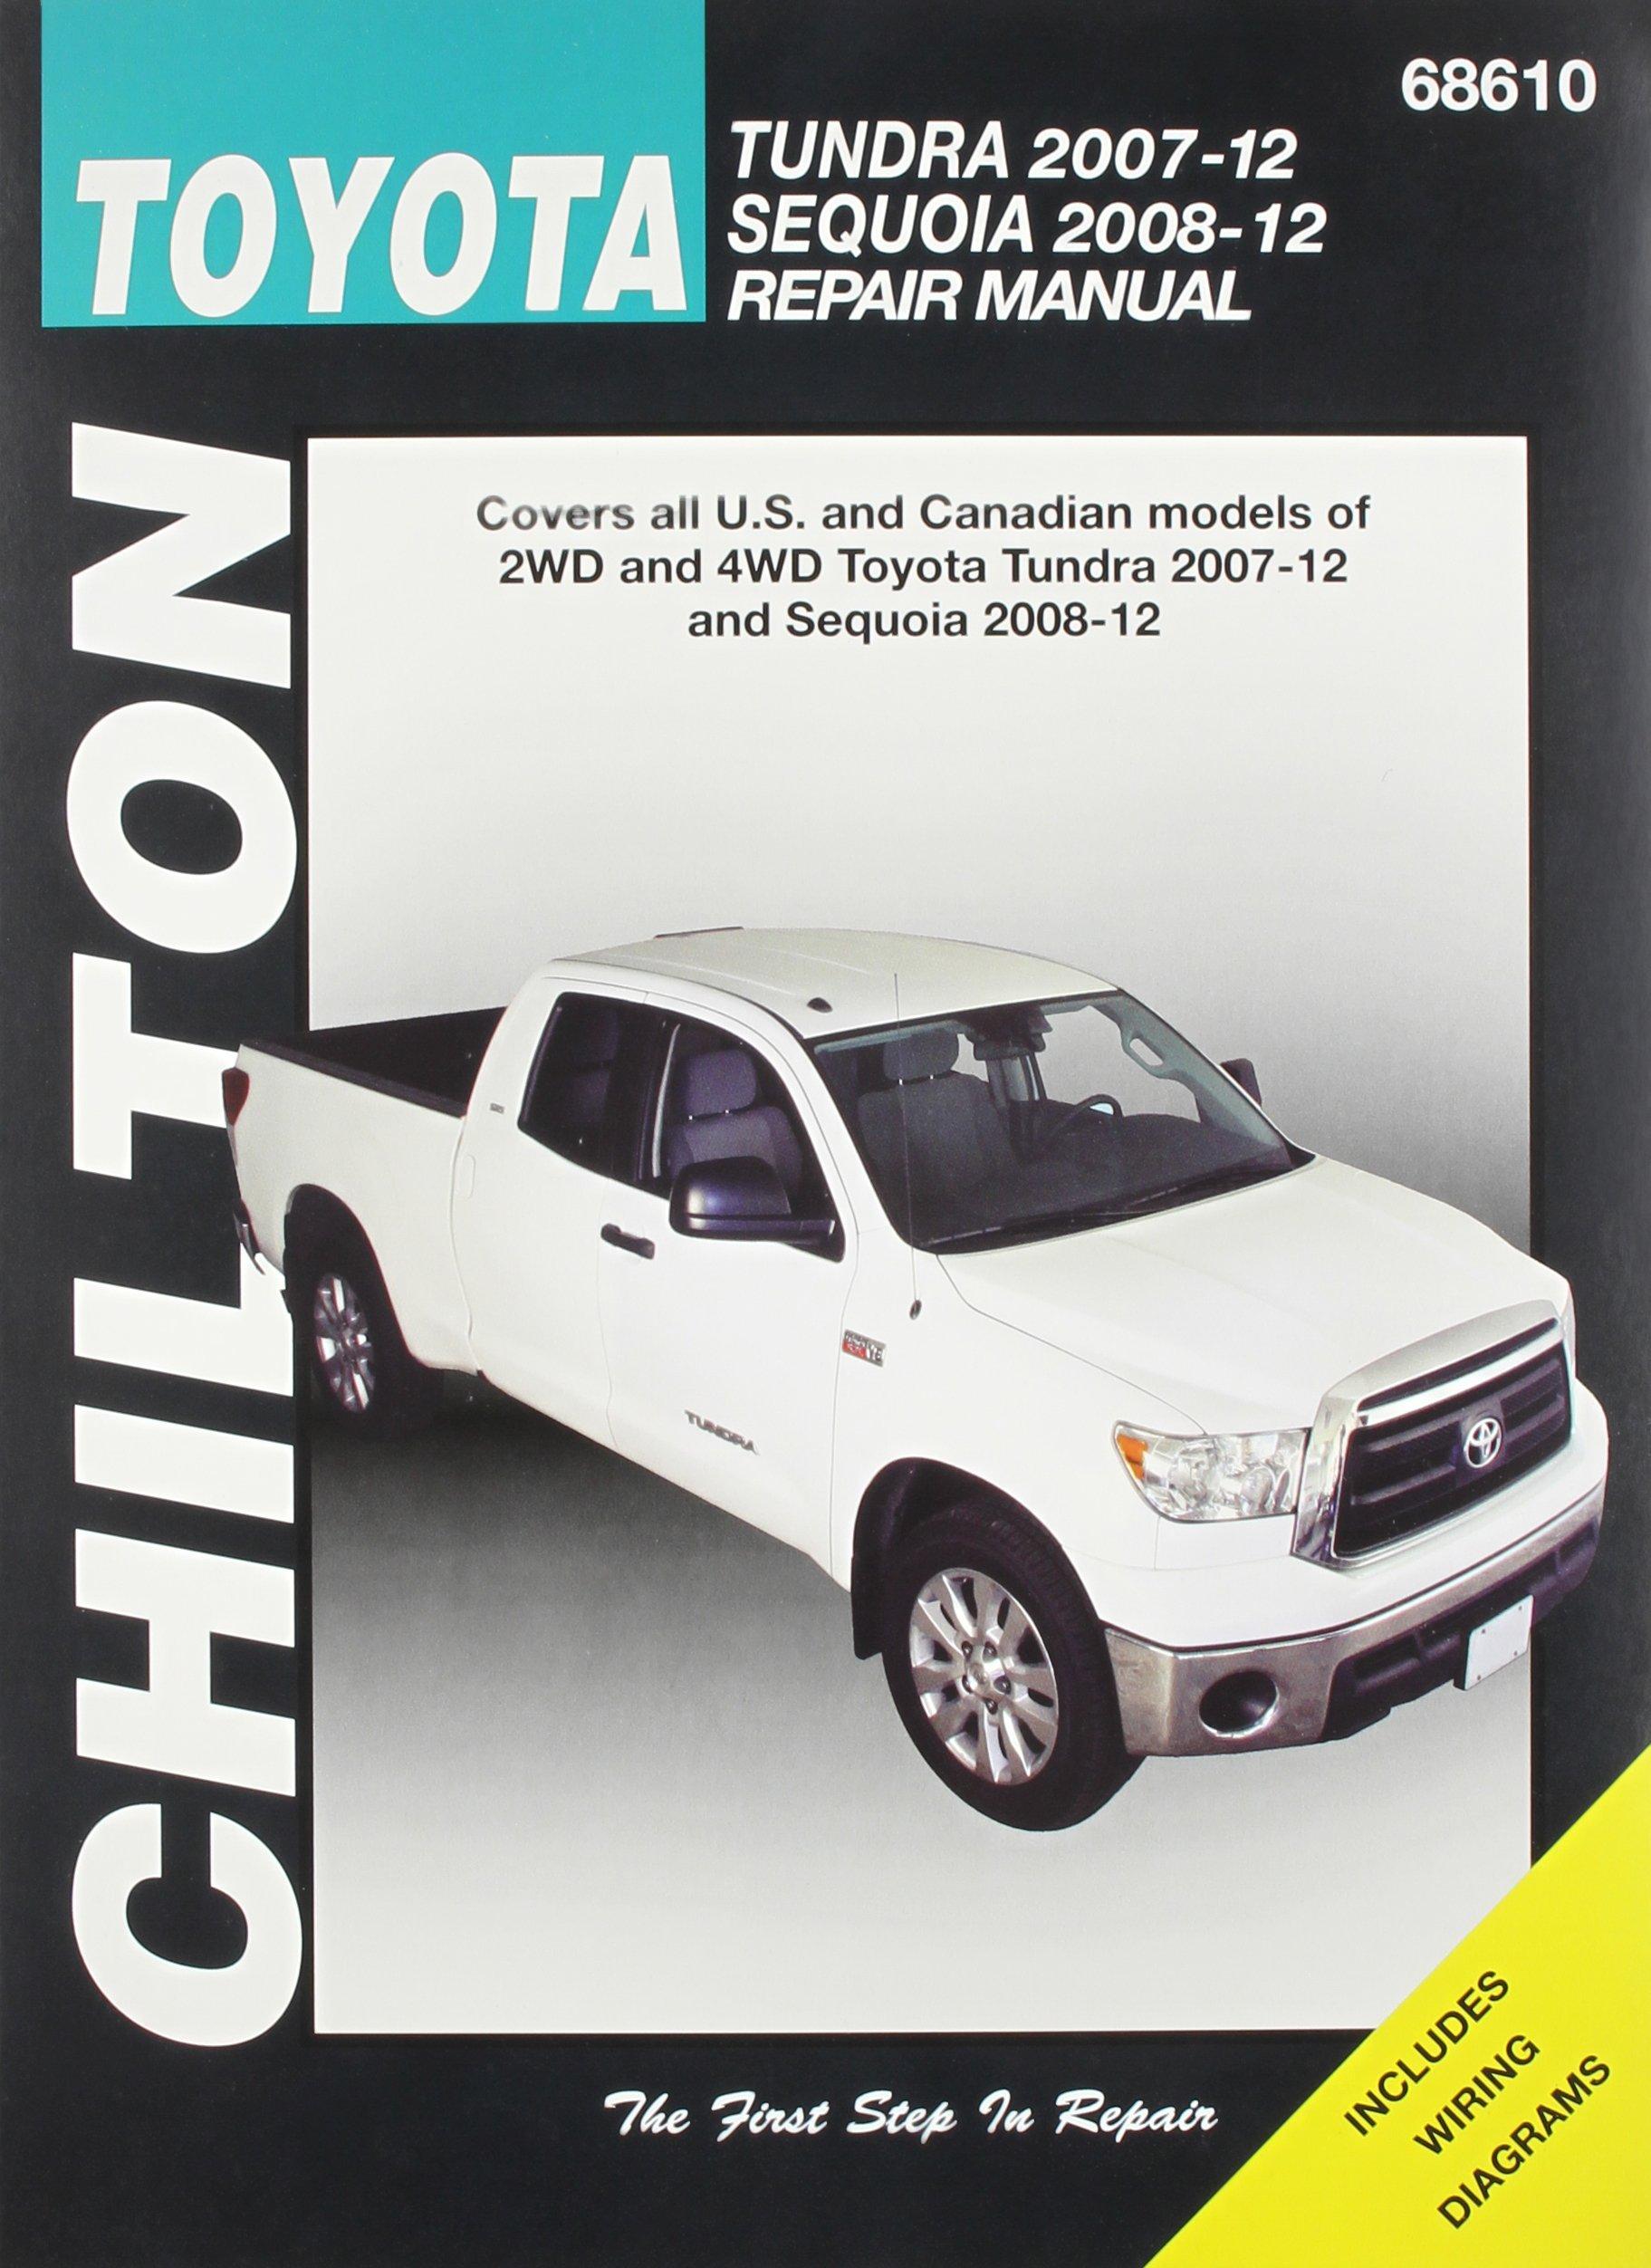 Chilton Toyota Tundra 2007 12 Sequoia 2008 Repair Manual Wiring Diagram Haynes Manuals 9781620920541 Books